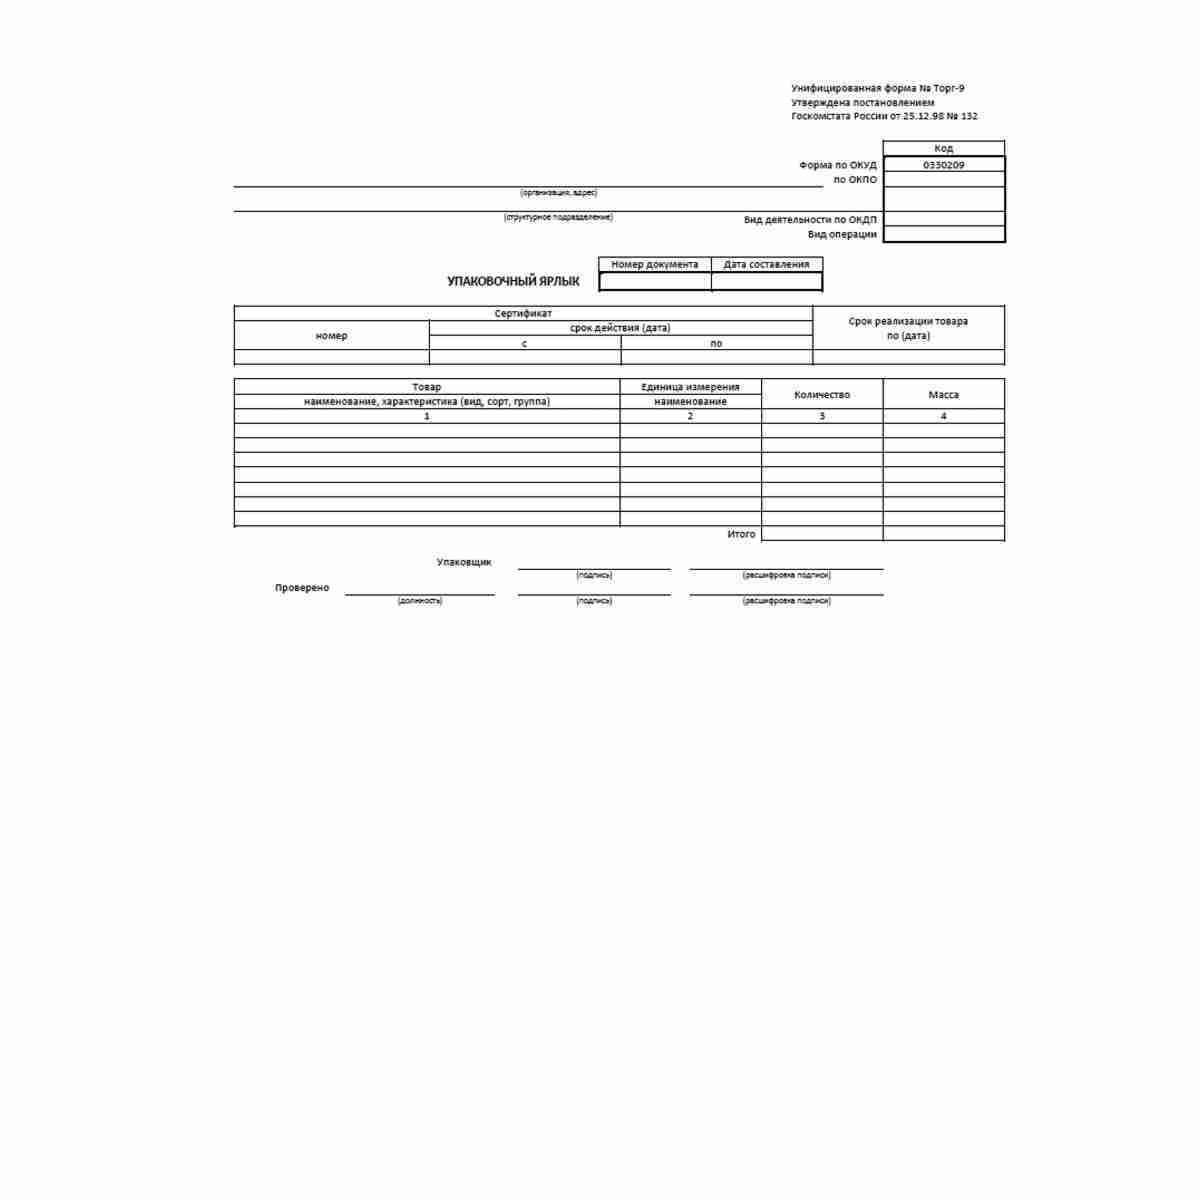 """Унифицированная форма первичной учетной документации №ТОРГ-9 """"Упаковочный ярлык"""" (ОКУД 0330209)"""